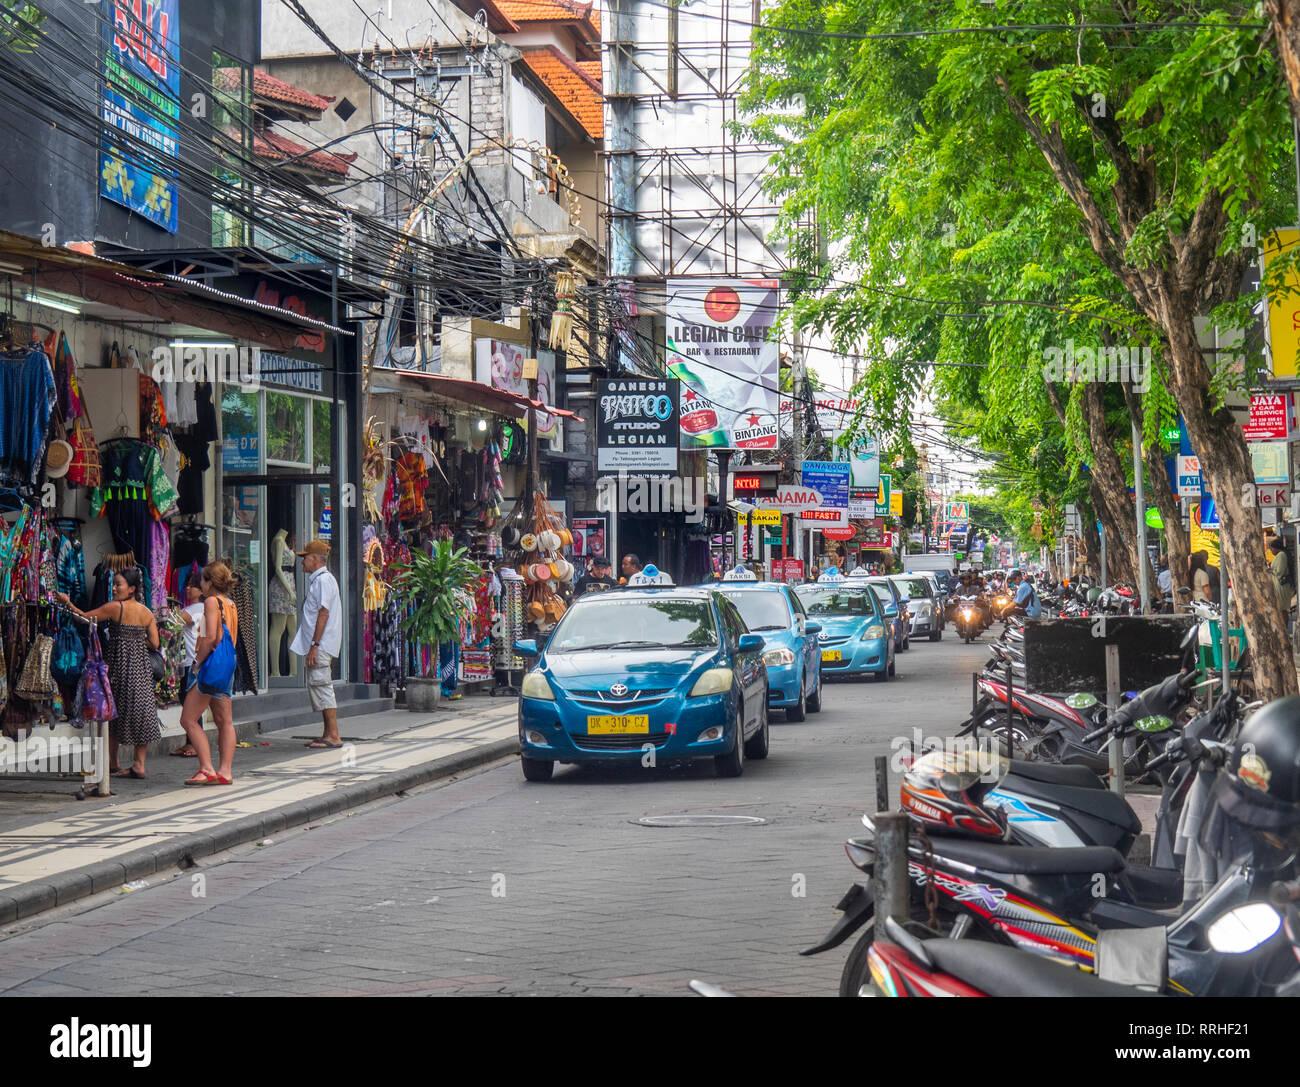 Bluebird taxis and local traffic in busy Jl Raya Legian in Kuta Bali Indonesia. - Stock Image